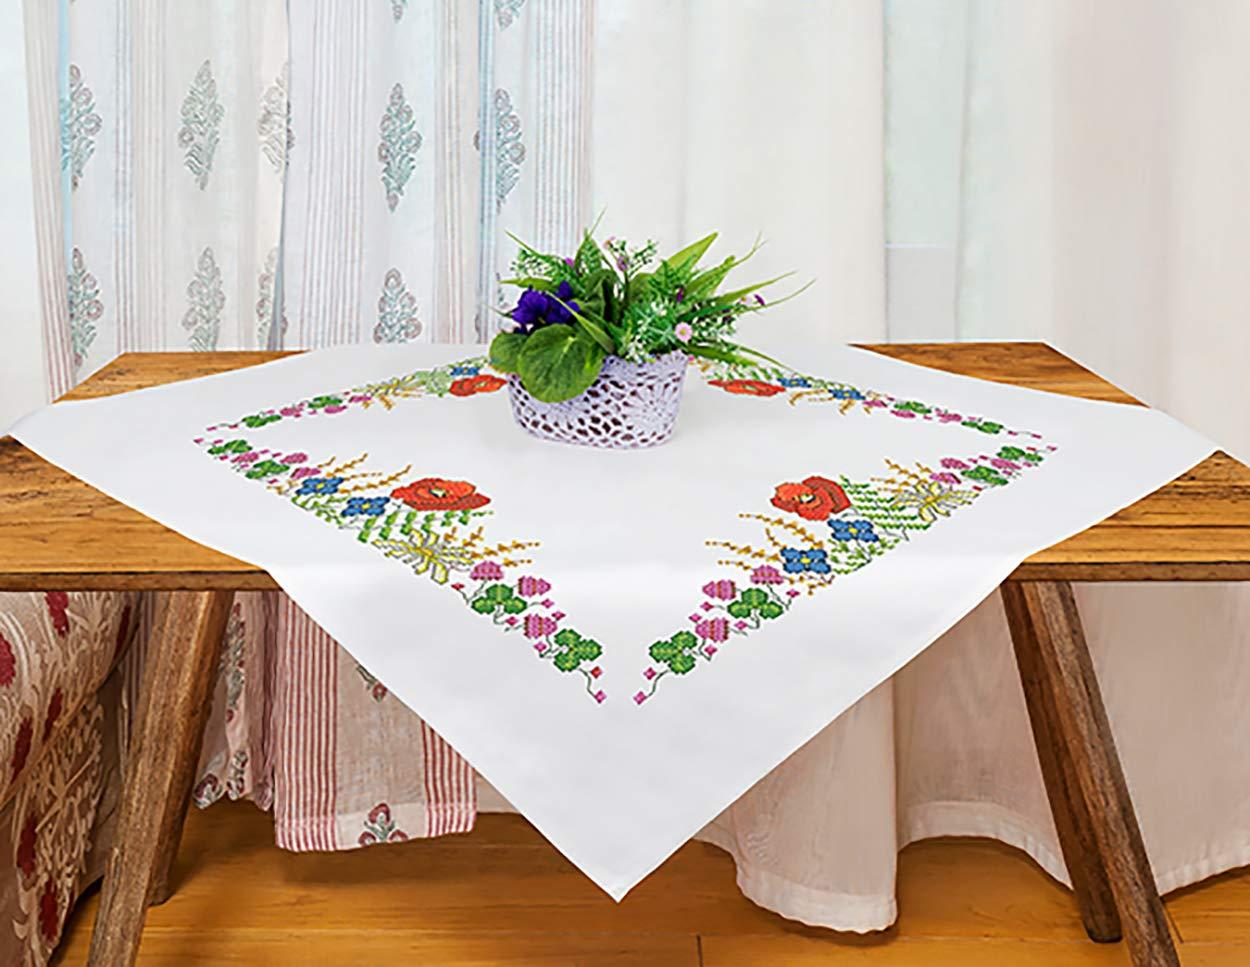 80 x 80 cm Tela e Filo in Cotone Set per Ricamo a Punto Croce Motivo Floreale Kamaca gi/à Cucito con Bordo Decorativo intessuto